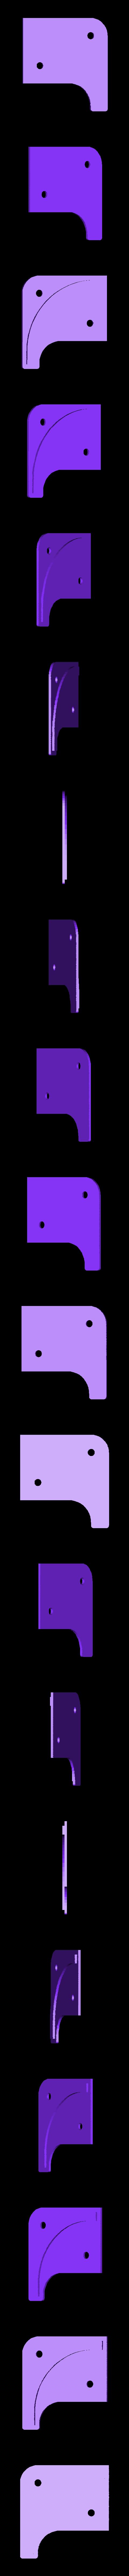 Case_Line_Cover.STL Télécharger fichier STL gratuit Capteur de faux-rond du filament • Plan imprimable en 3D, perinski